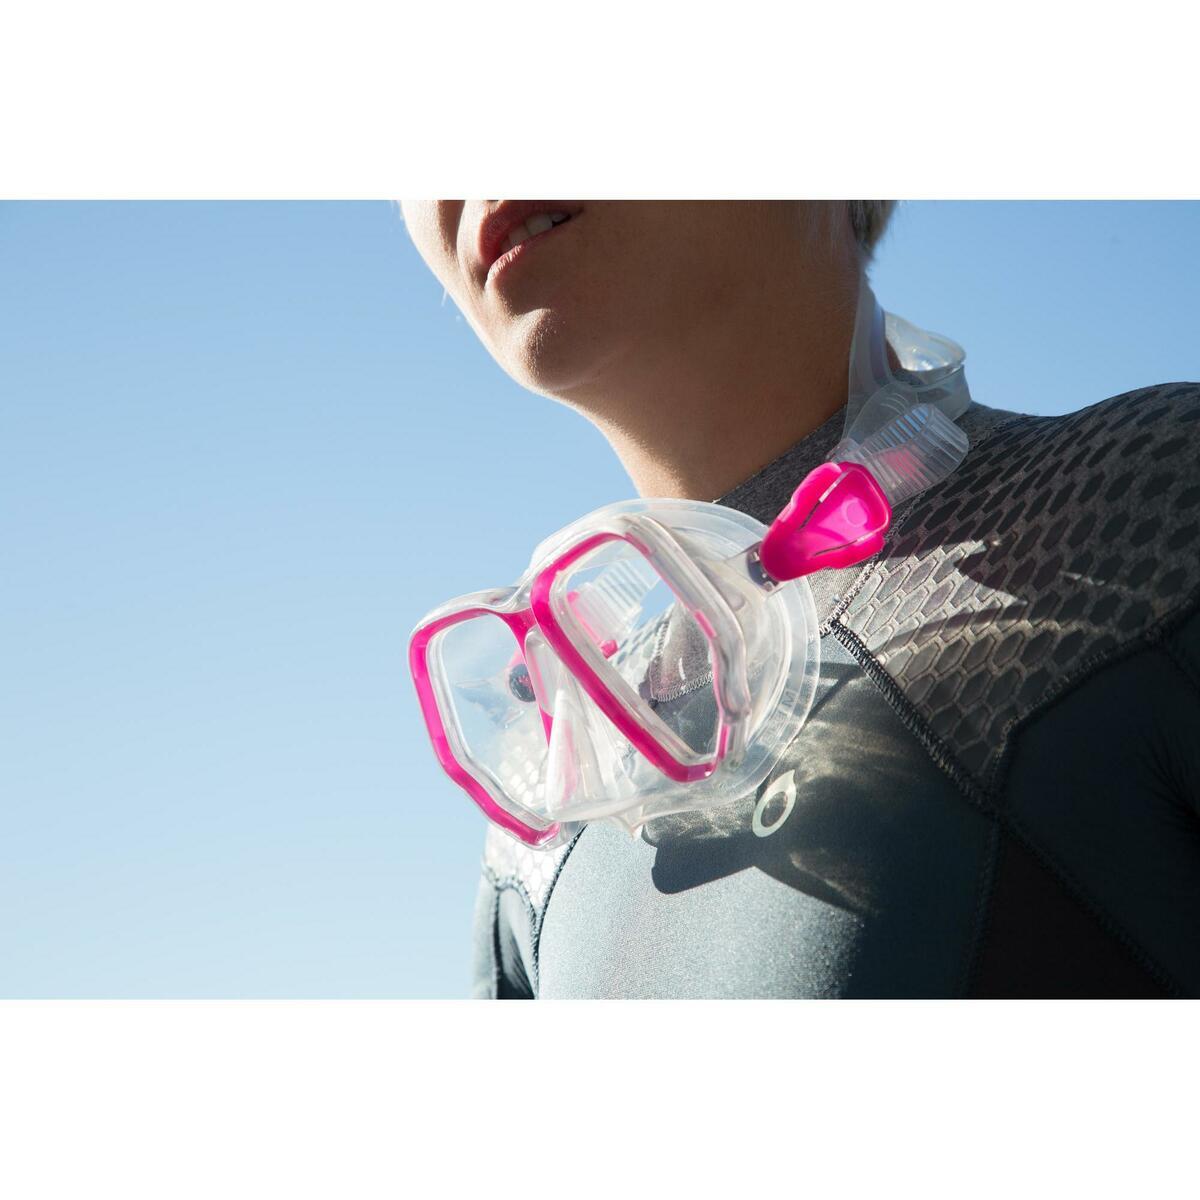 Bild 2 von Tauchmaske SCD 500 für Gerätetauchen cristal/rosa Zweiglas/Bi-Glas Tauchermaske